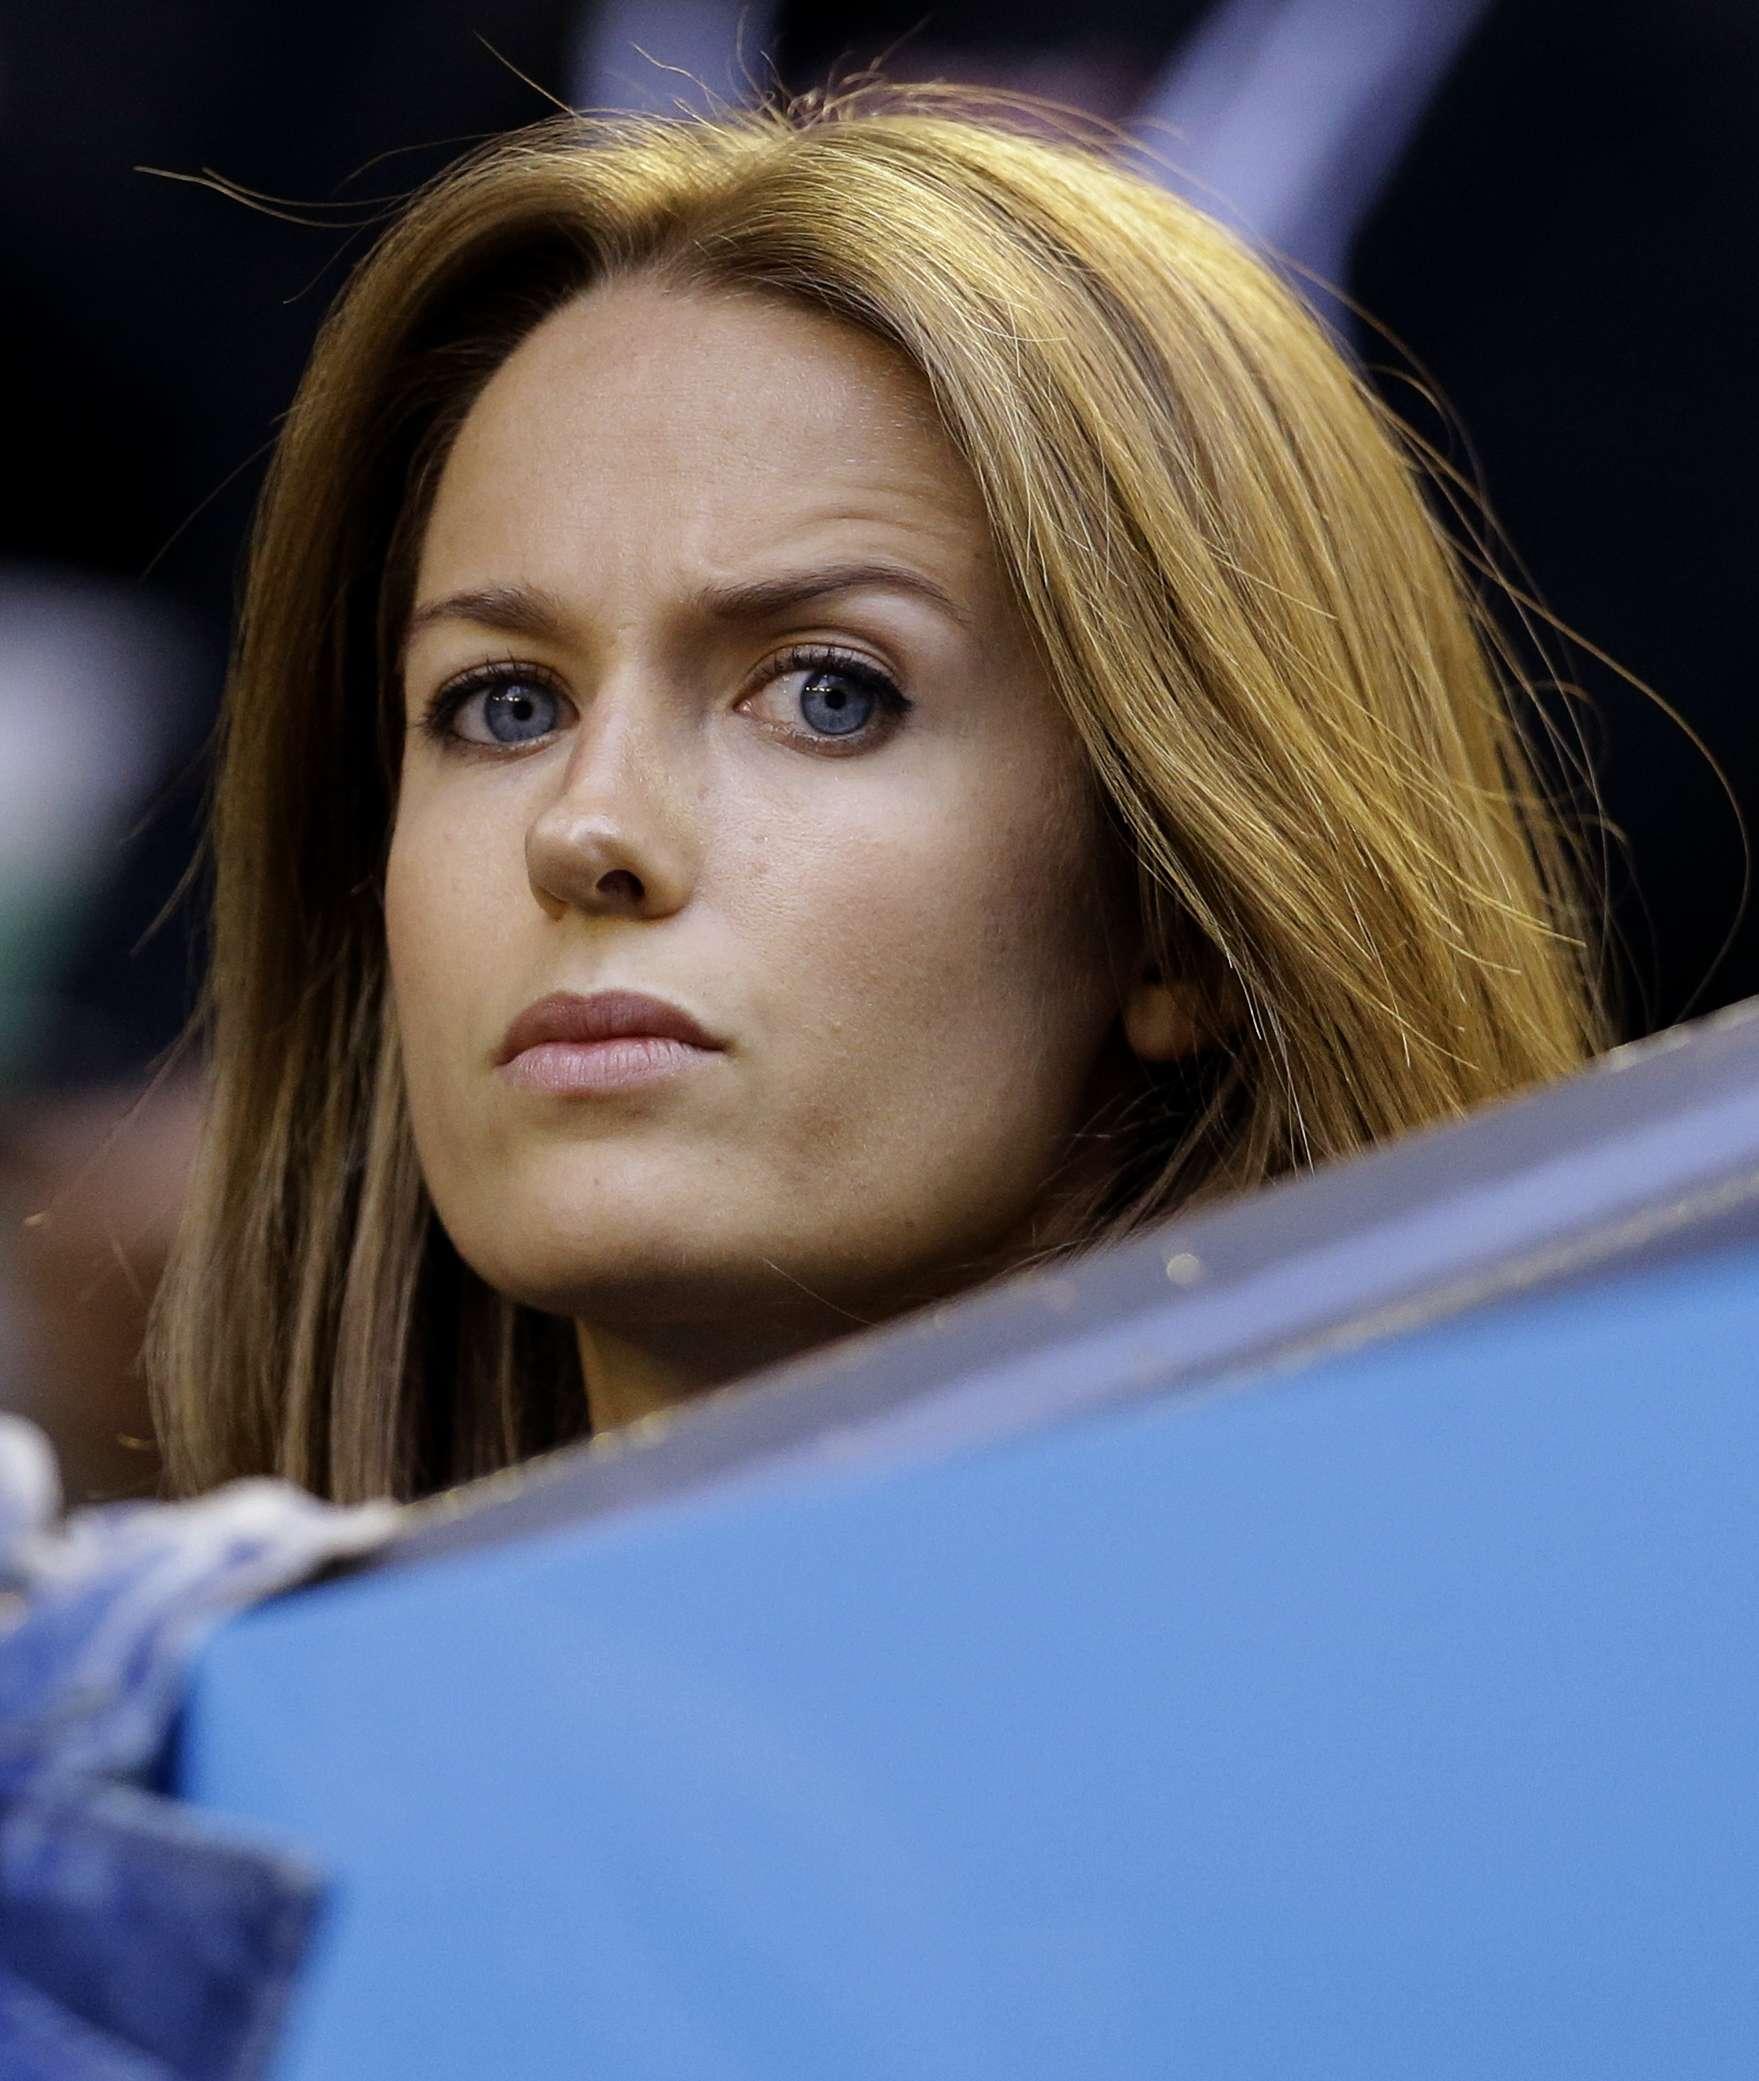 Kim Sears, ahora es famosa por despotricar contra Berdych y no arrepentirse Foto: AP